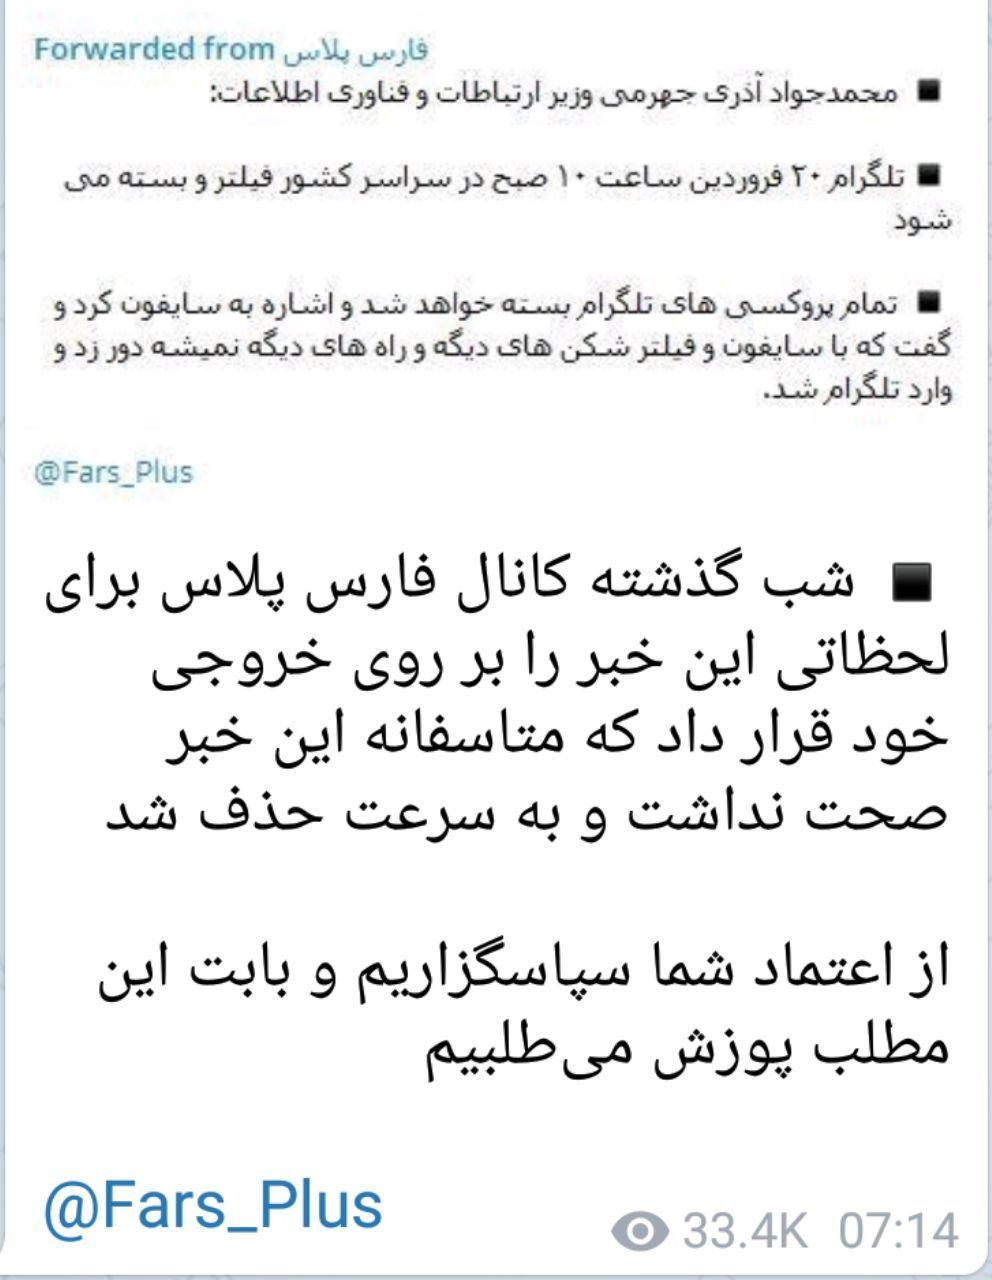 اطلاعیه وزارت ارتباطات در خصوص نقل قول اخبار کذب از آذری جهرمی